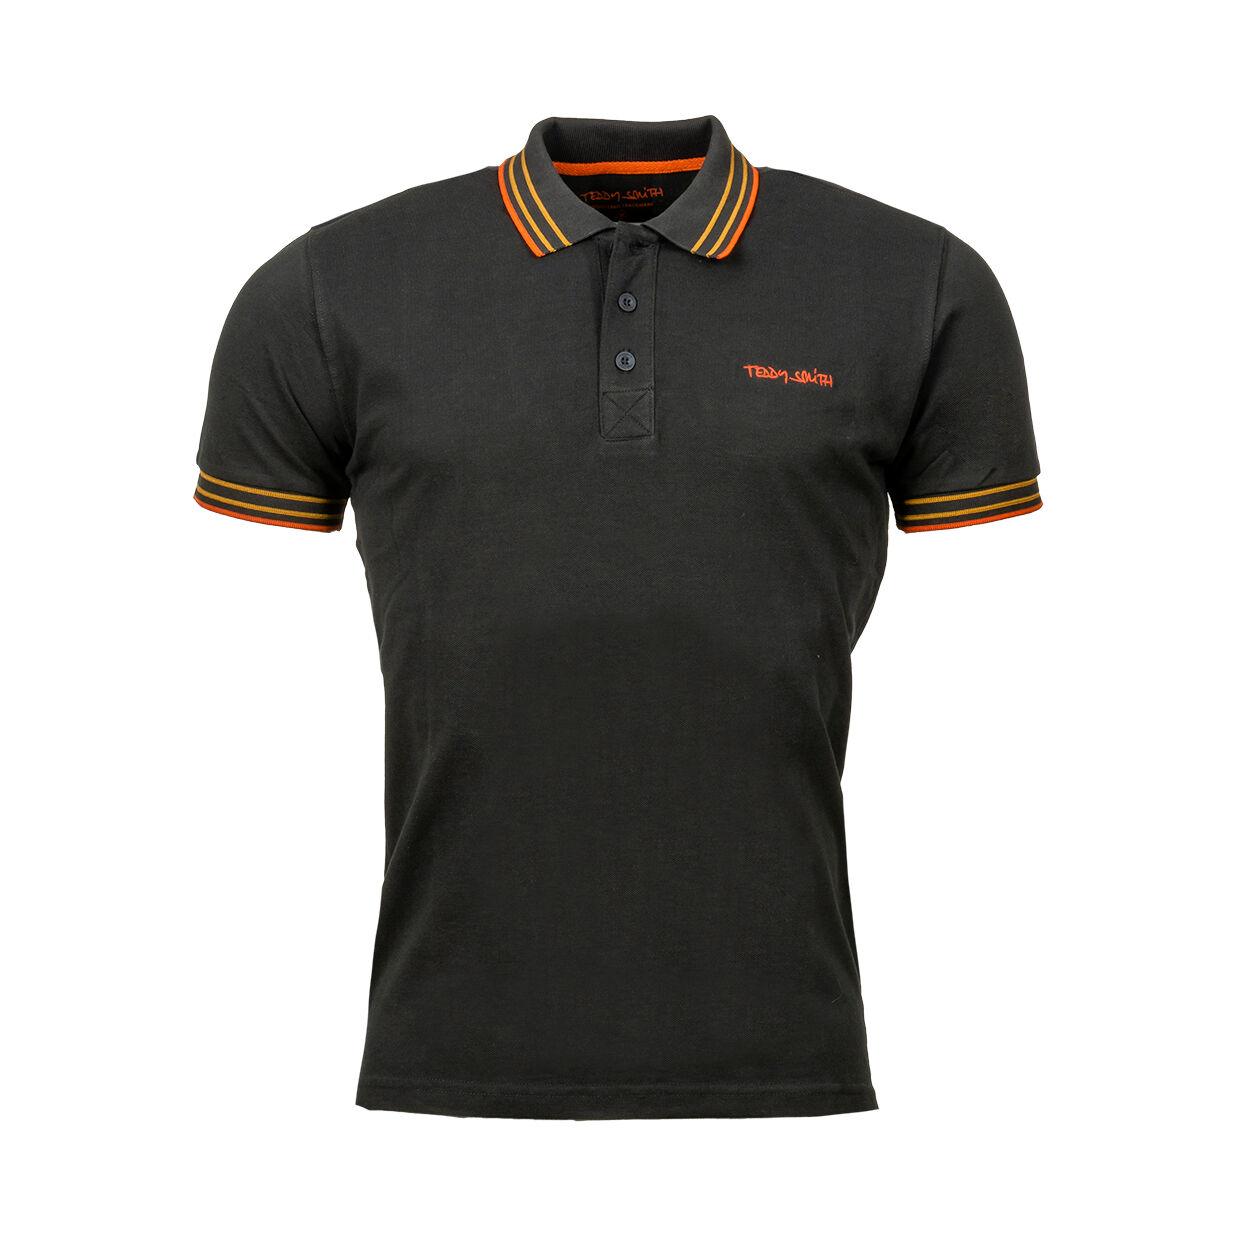 Teddy Smith Polo à manches courtes Teddy Smith Pasian en coton noir charbon à détails orange - Noir charbon - S